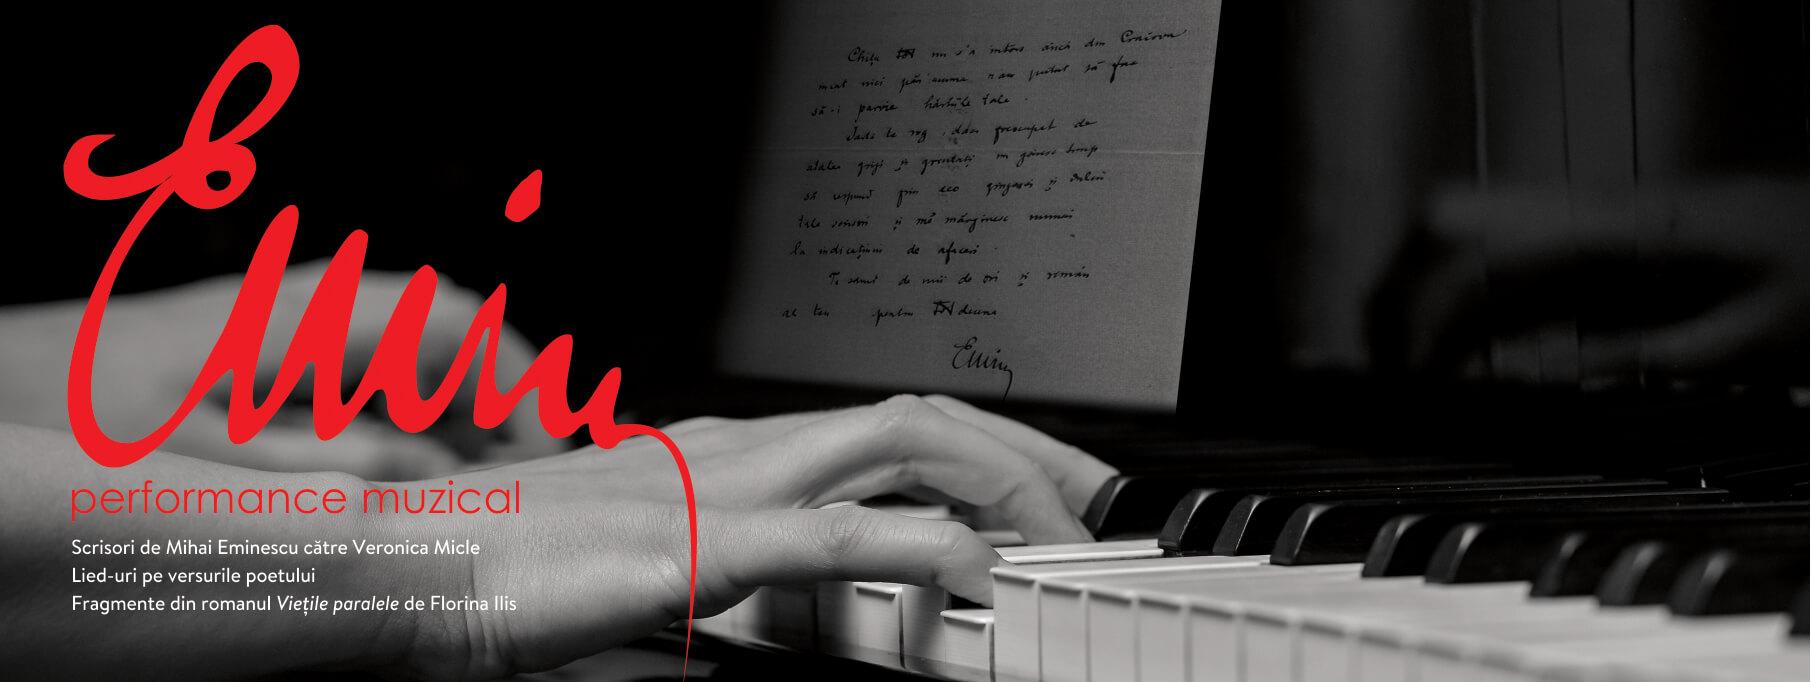 EMIN, un performance muzical cu și despre iubire